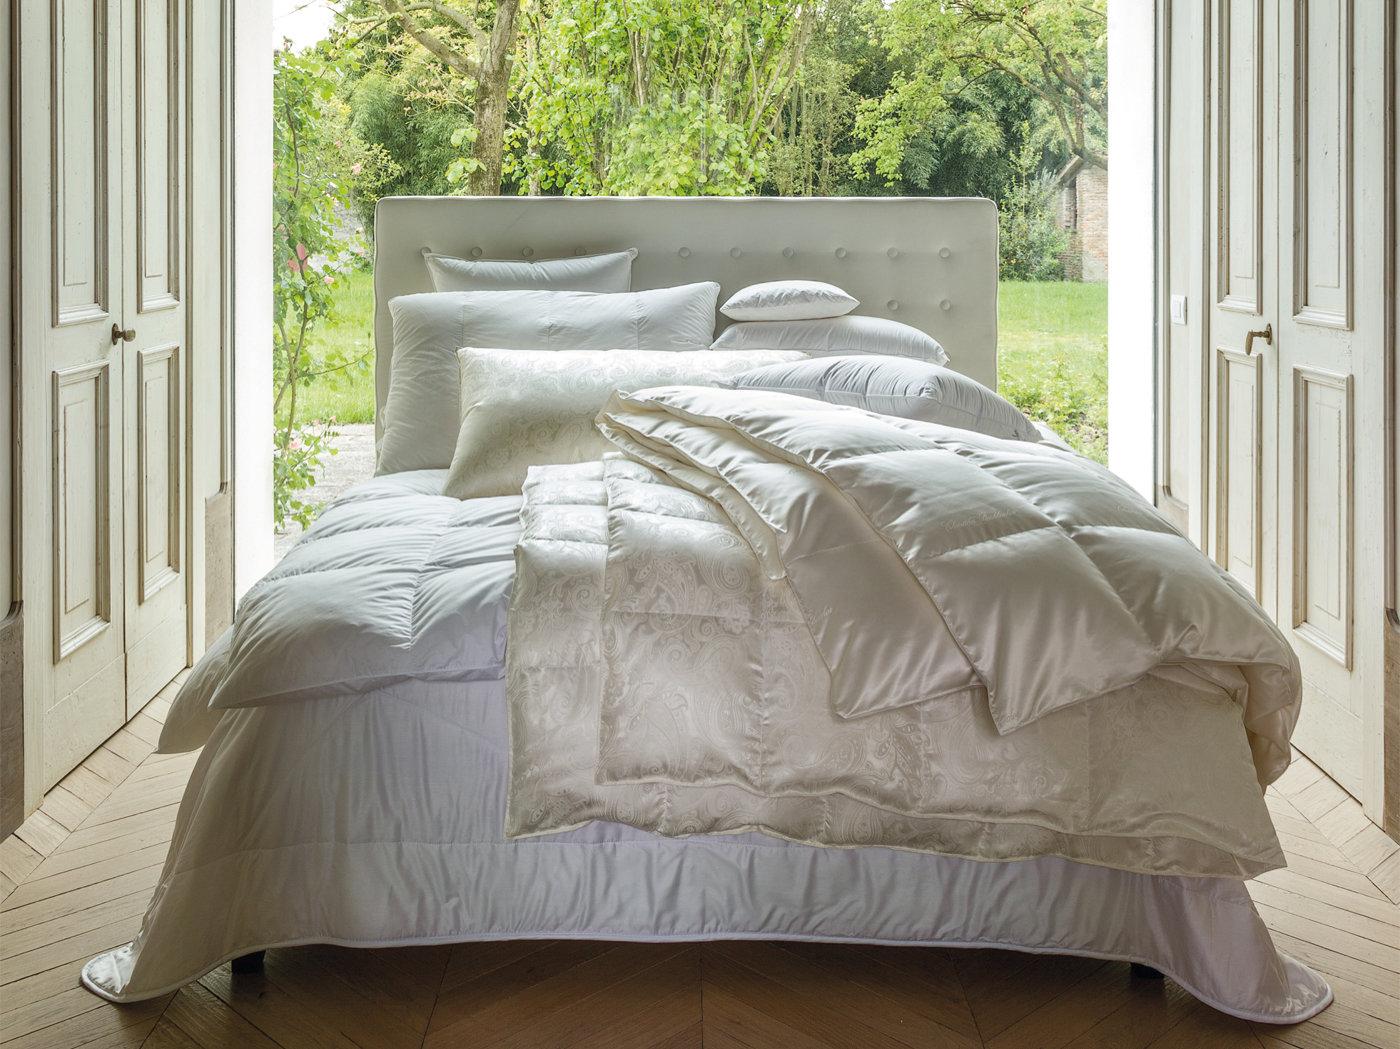 eiderdaunendecke leicht fischbacher prince batist von. Black Bedroom Furniture Sets. Home Design Ideas